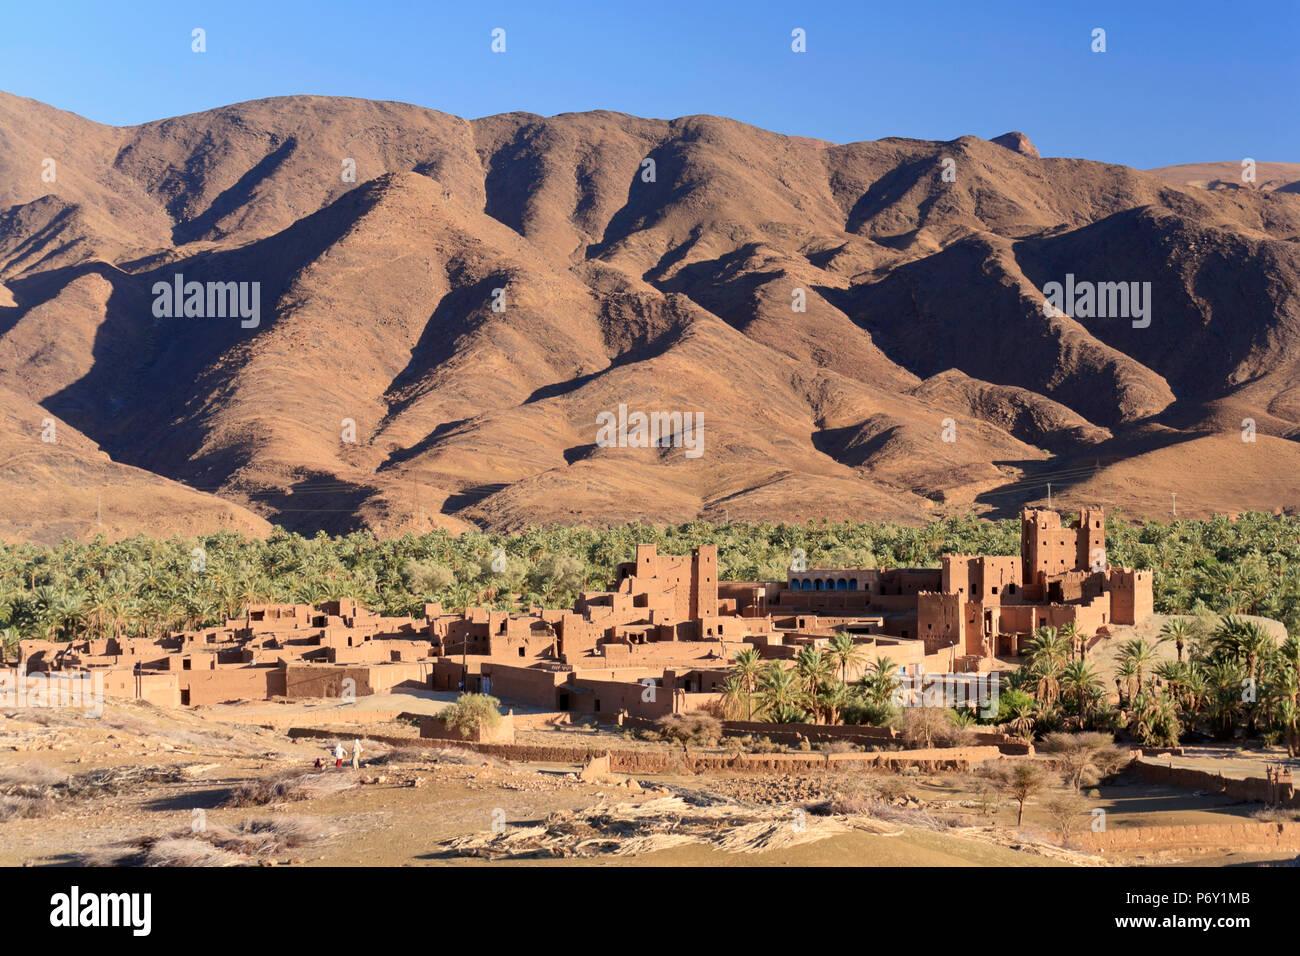 Morocco, Draa Valley, Kasbah Tamnougalt - Stock Image